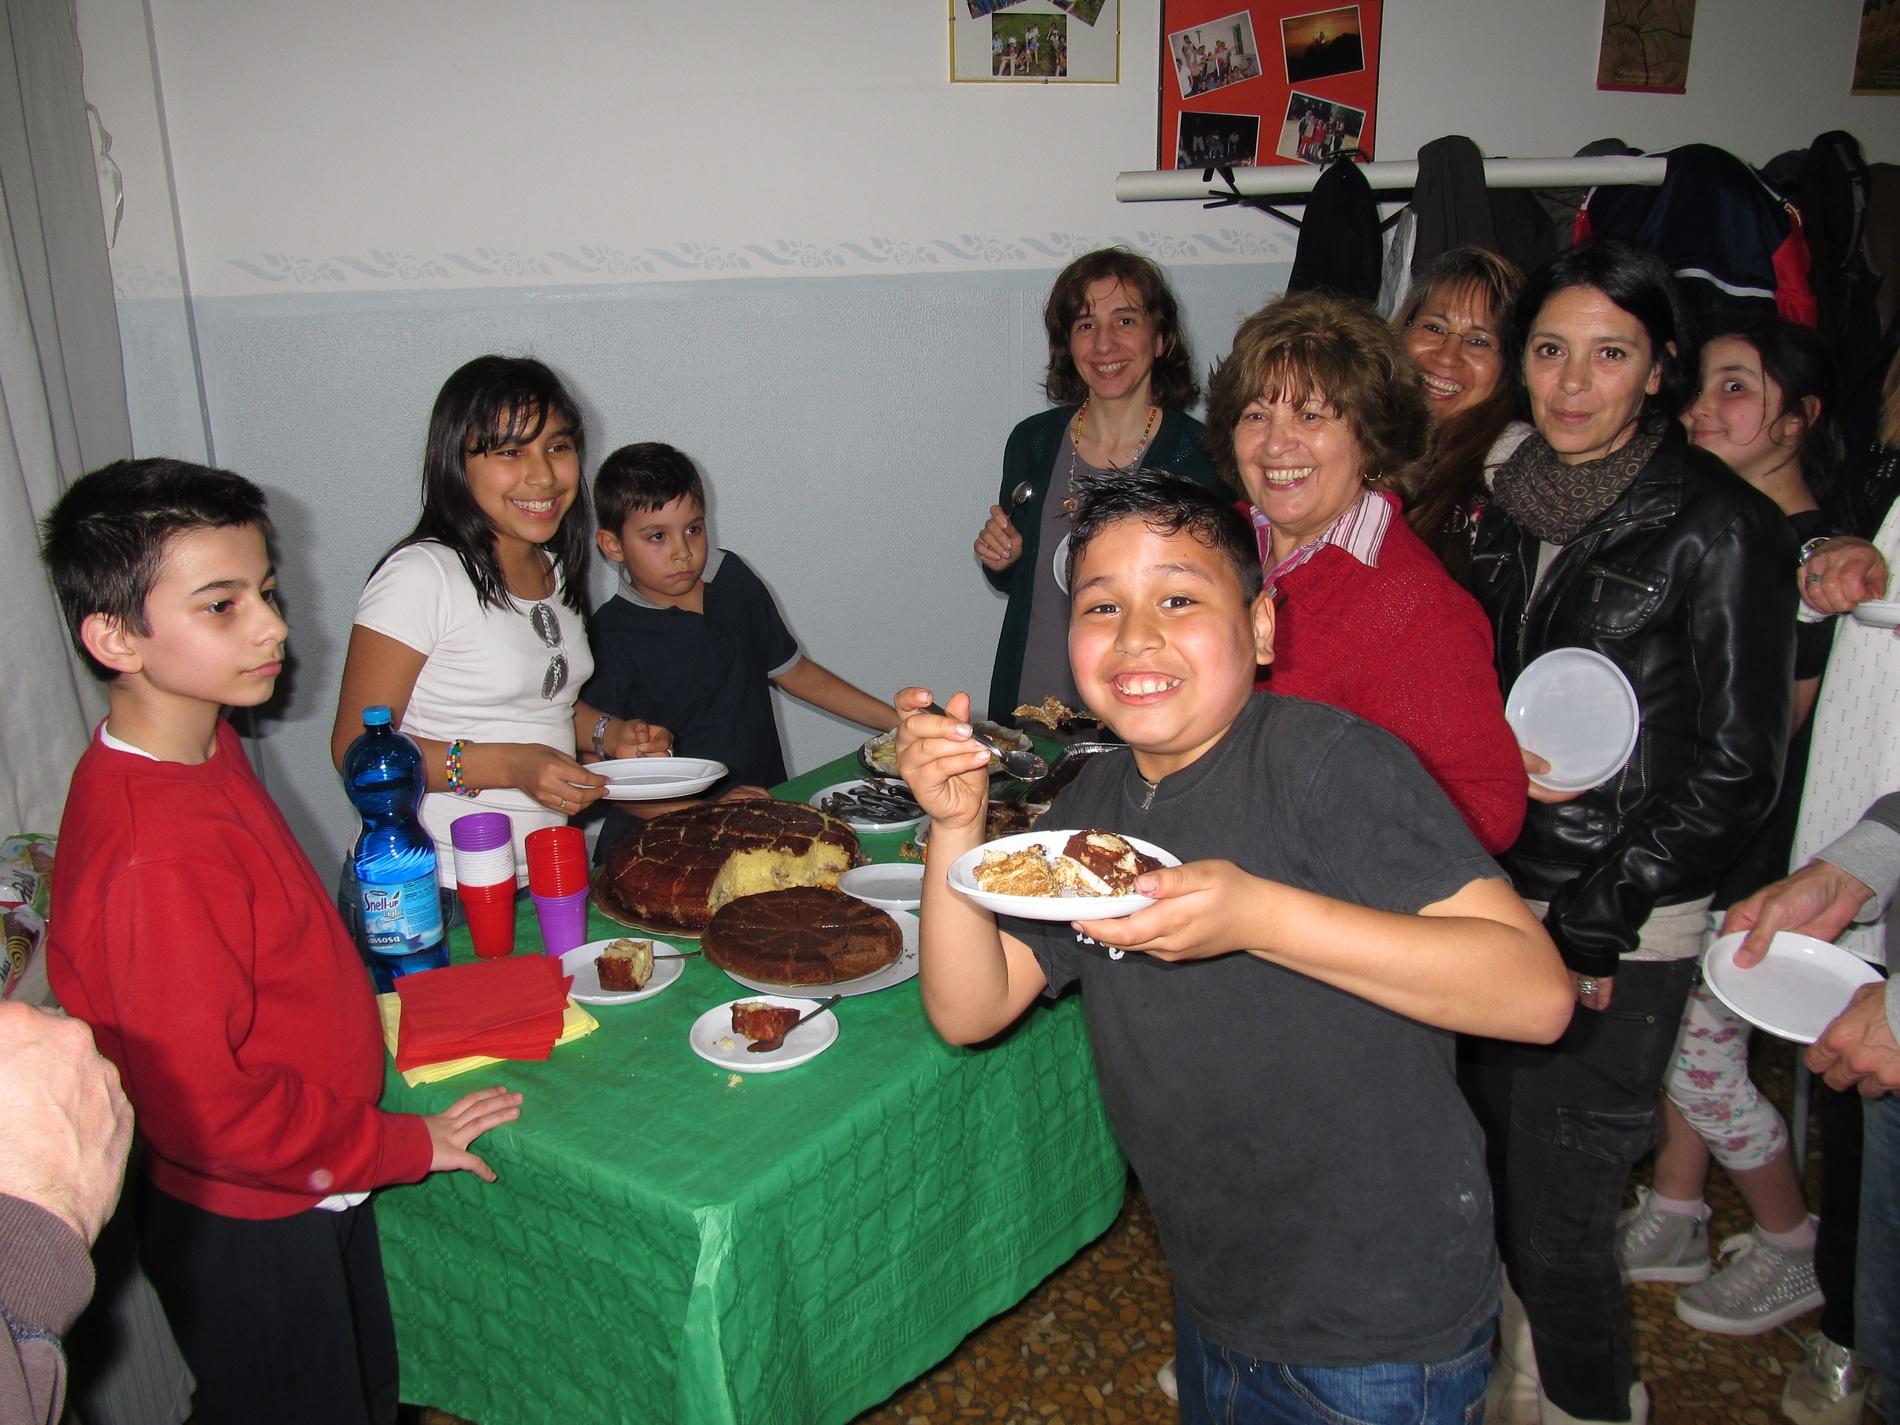 cena-famiglie-prima-comunione-2015-04-17-21-03-30_0